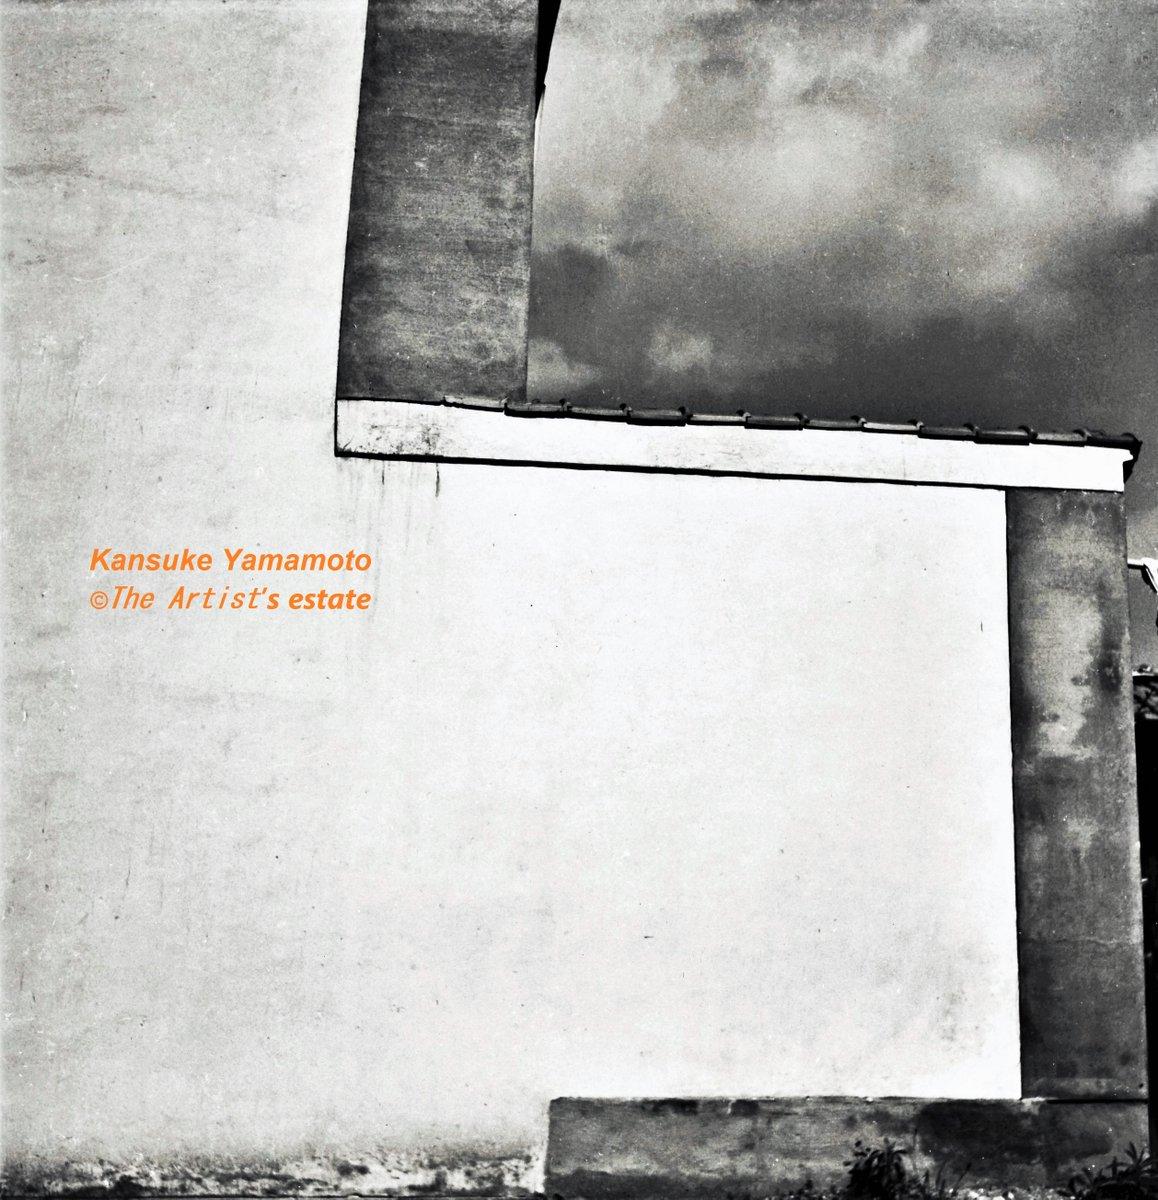 コンポジション 建築  Composition   #山本悍右 #kansukeyamamoto #surrealism #architecture  #photography #art #photos  #blackandwhite #1930s #写真 #昭和